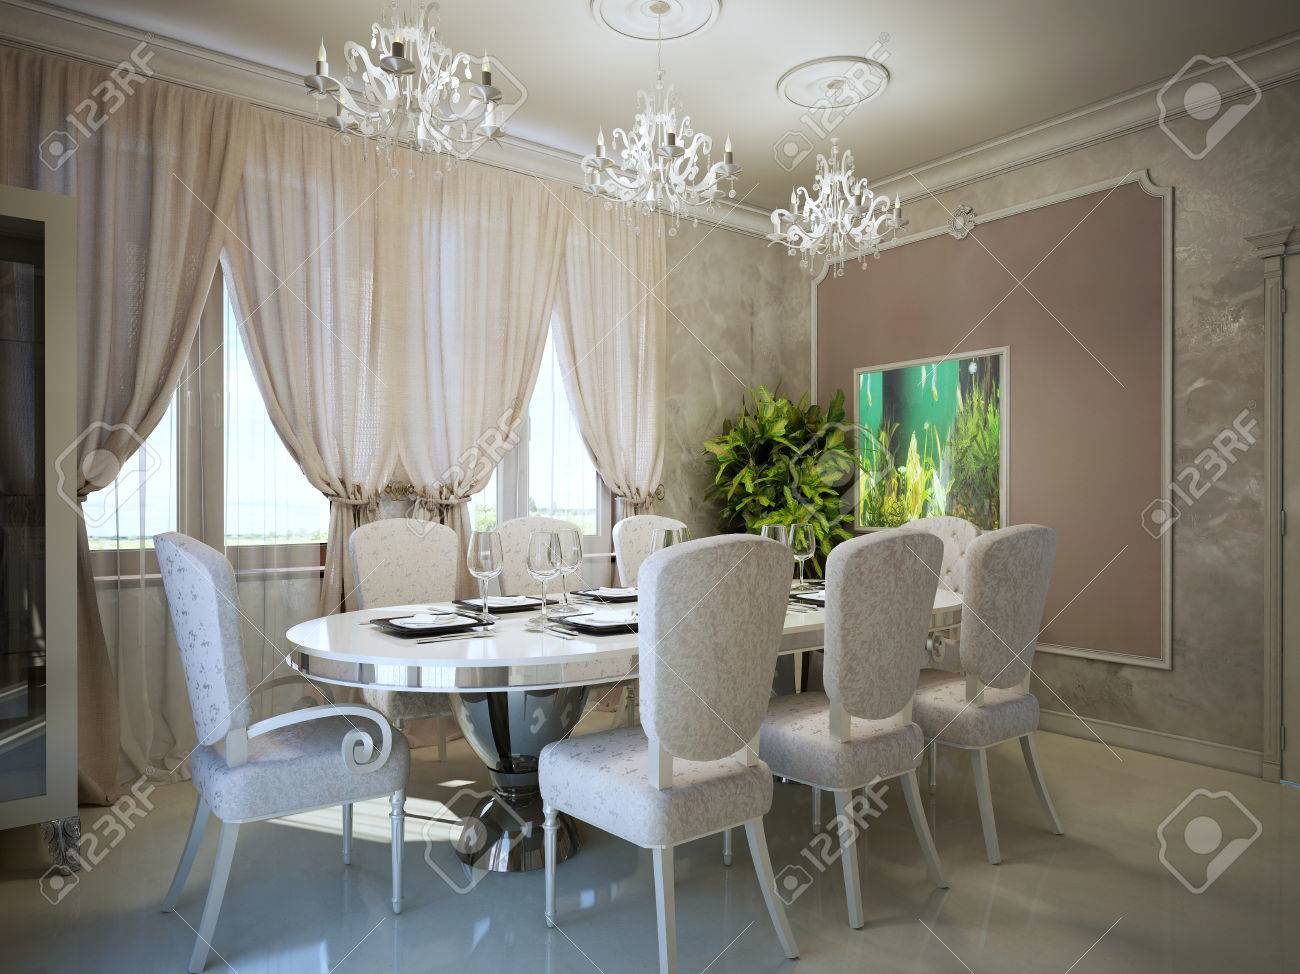 salle a manger dans la tendance art deco moulage sur les murs dans un interieur moderne servi table a manger ovale pour huit personnes 3d render